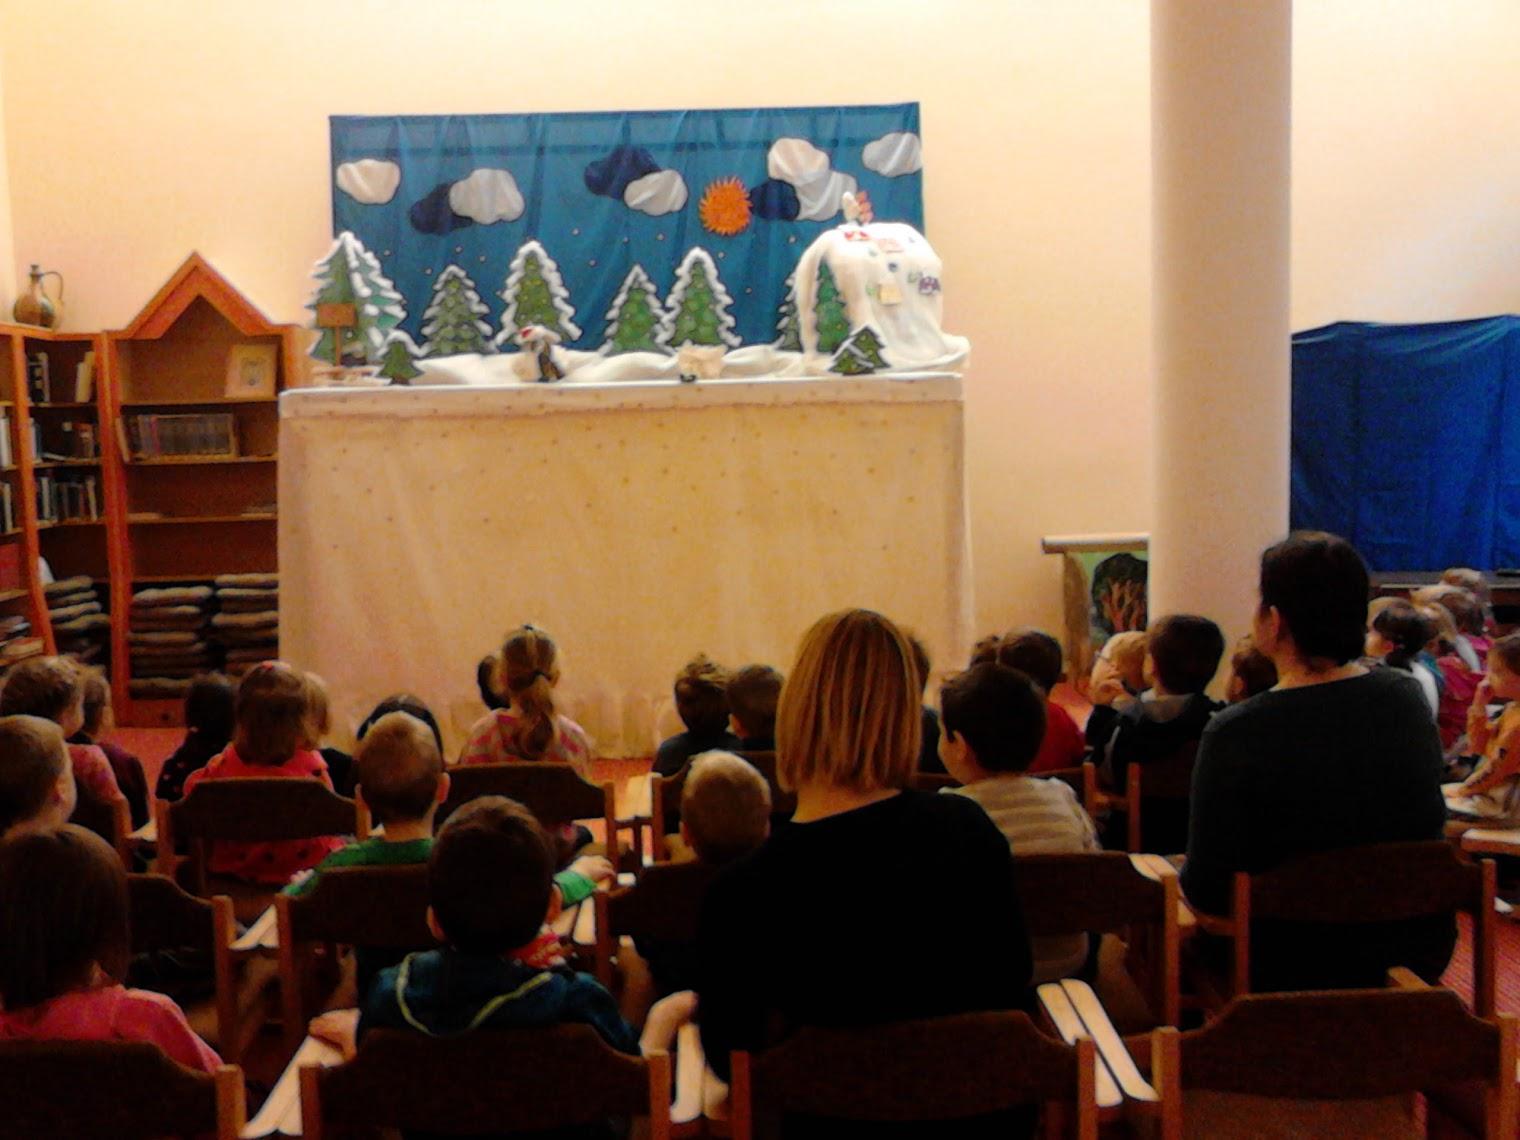 Bábelőadás közönsége a paraván előtt